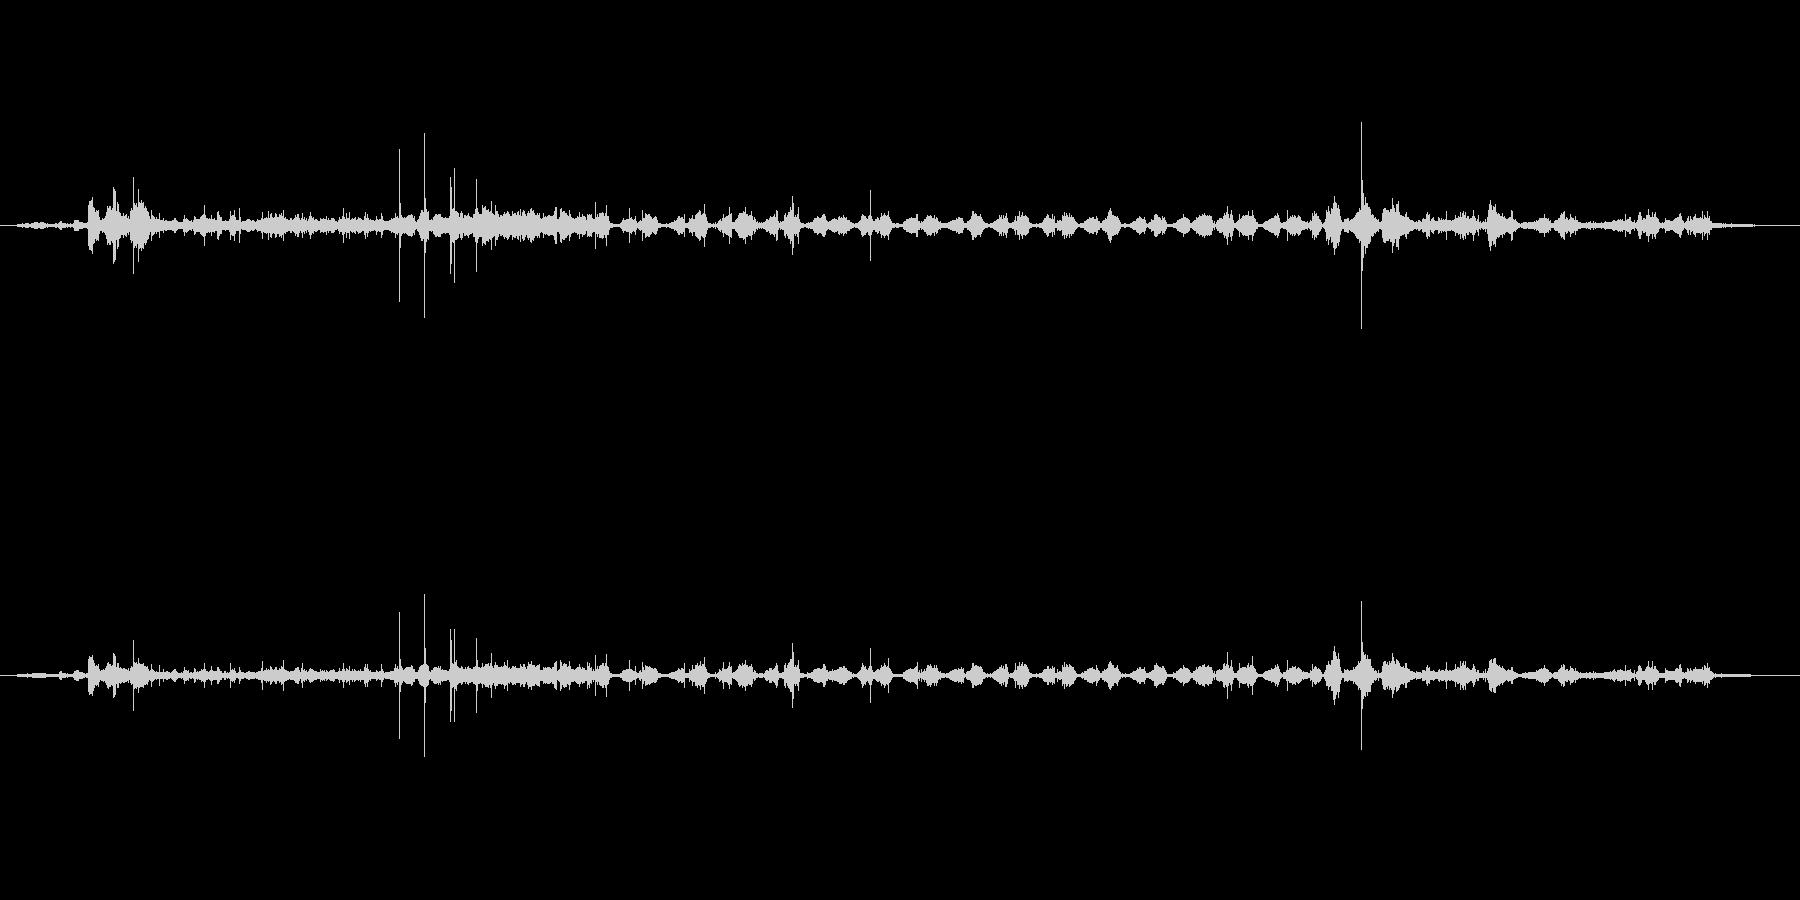 スポンジごしごし効果音の未再生の波形